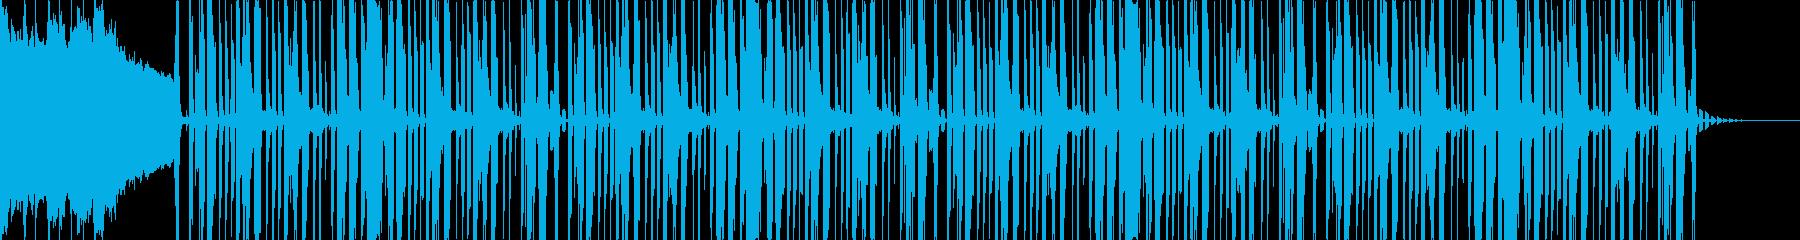 「鍵」がテーマのミステリアスなファンクの再生済みの波形